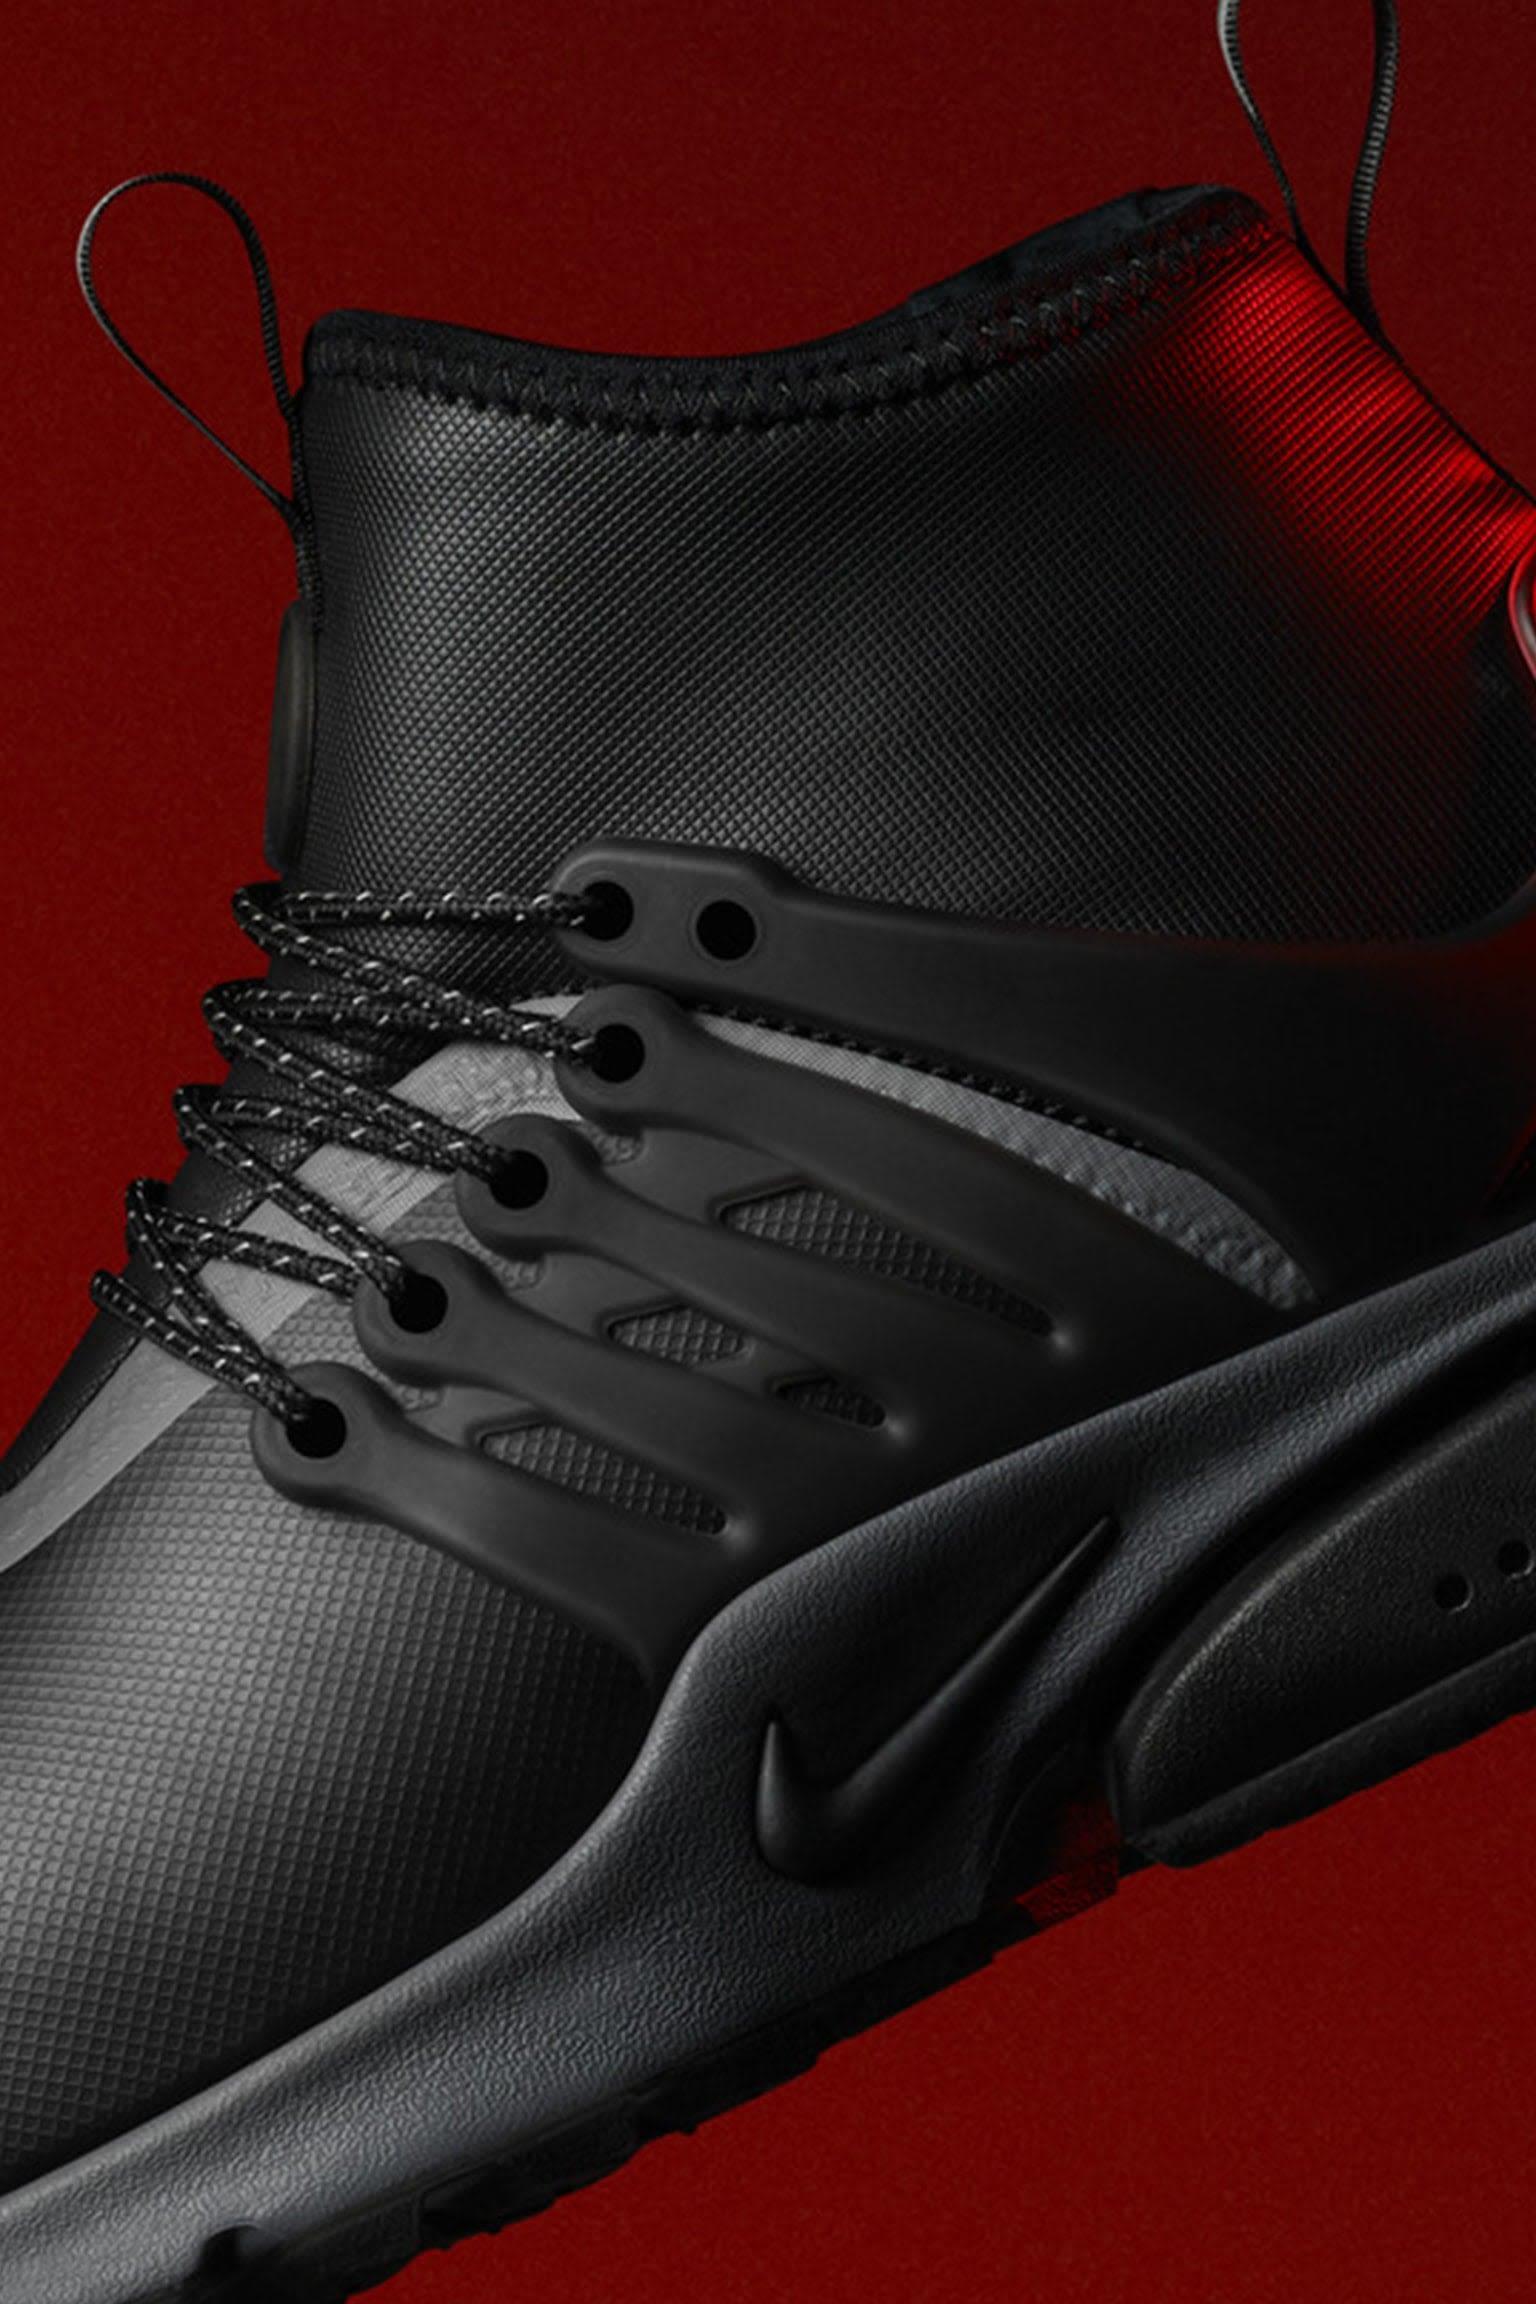 Dámská bota Nike Air Presto Mid Utility Sneakerboot 'Black & Reflect Silver'. Datum uvedení na trh